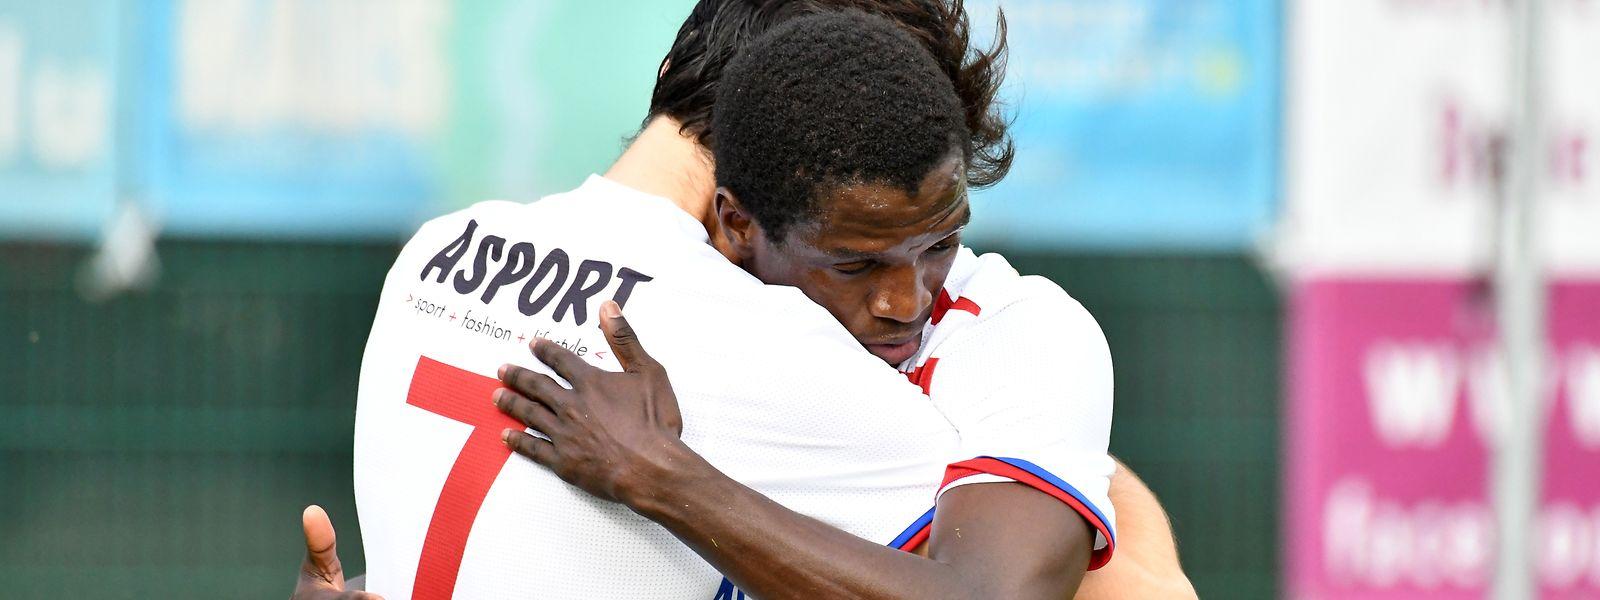 Sa conduite de balle a déjà dérouté beaucoup de défenseurs. Moussa Seydi est le nouveau fer de lance du Fola.